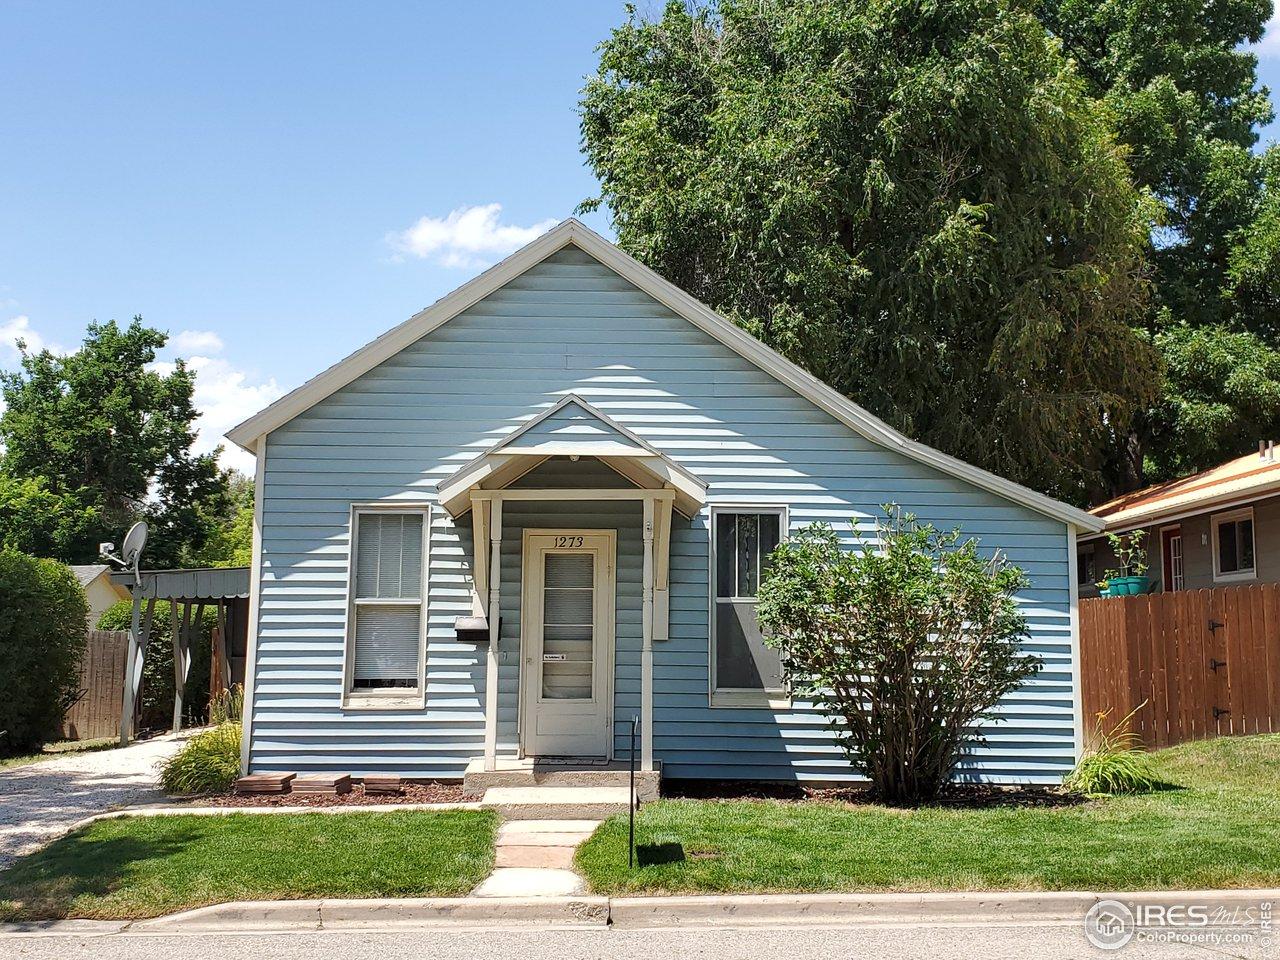 1273 Washington Ave, Loveland CO 80537